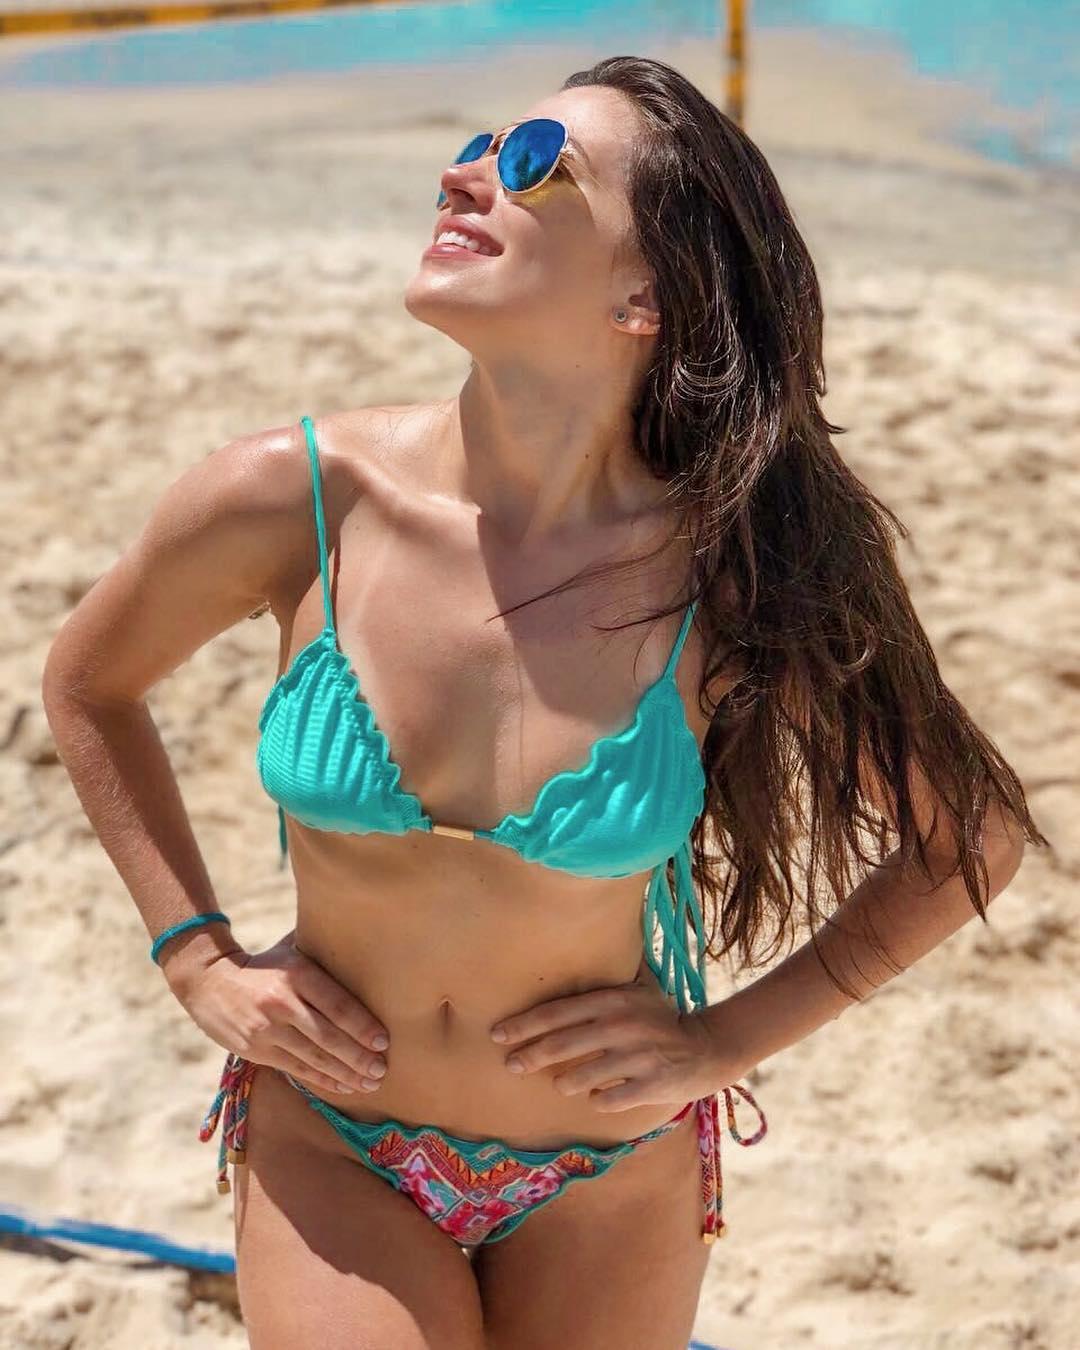 lorena bessani, miss maranhao universo 2018. 29418110